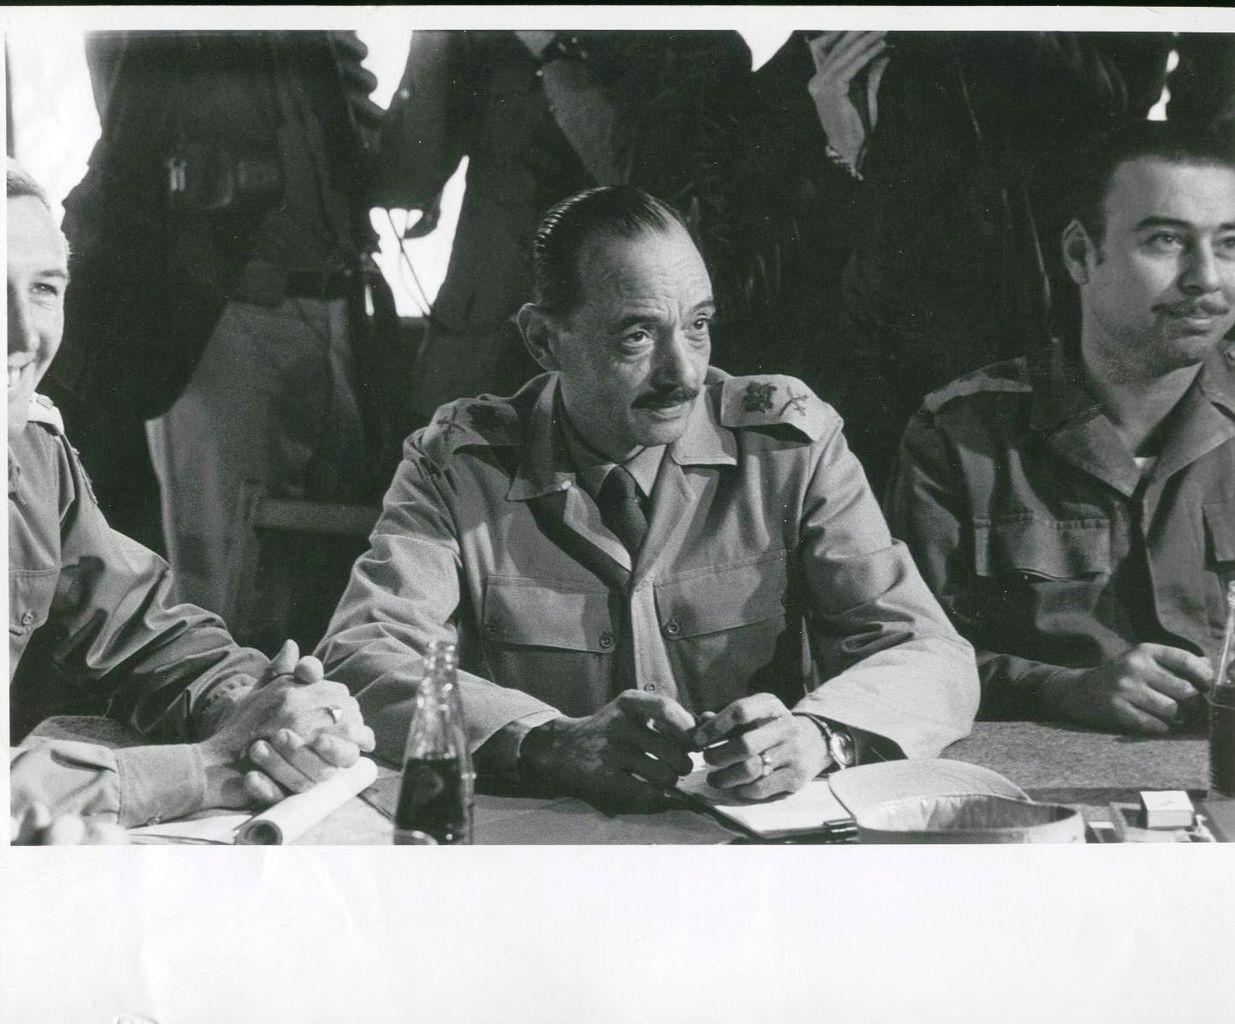 بمناسبة الذكرى الأربعين لحرب أكتوبر المجيدة: حوار ومقتطفات نادرة للبطل المشير محمد عبد الغني الجمسي 1235px-Gamsi_7